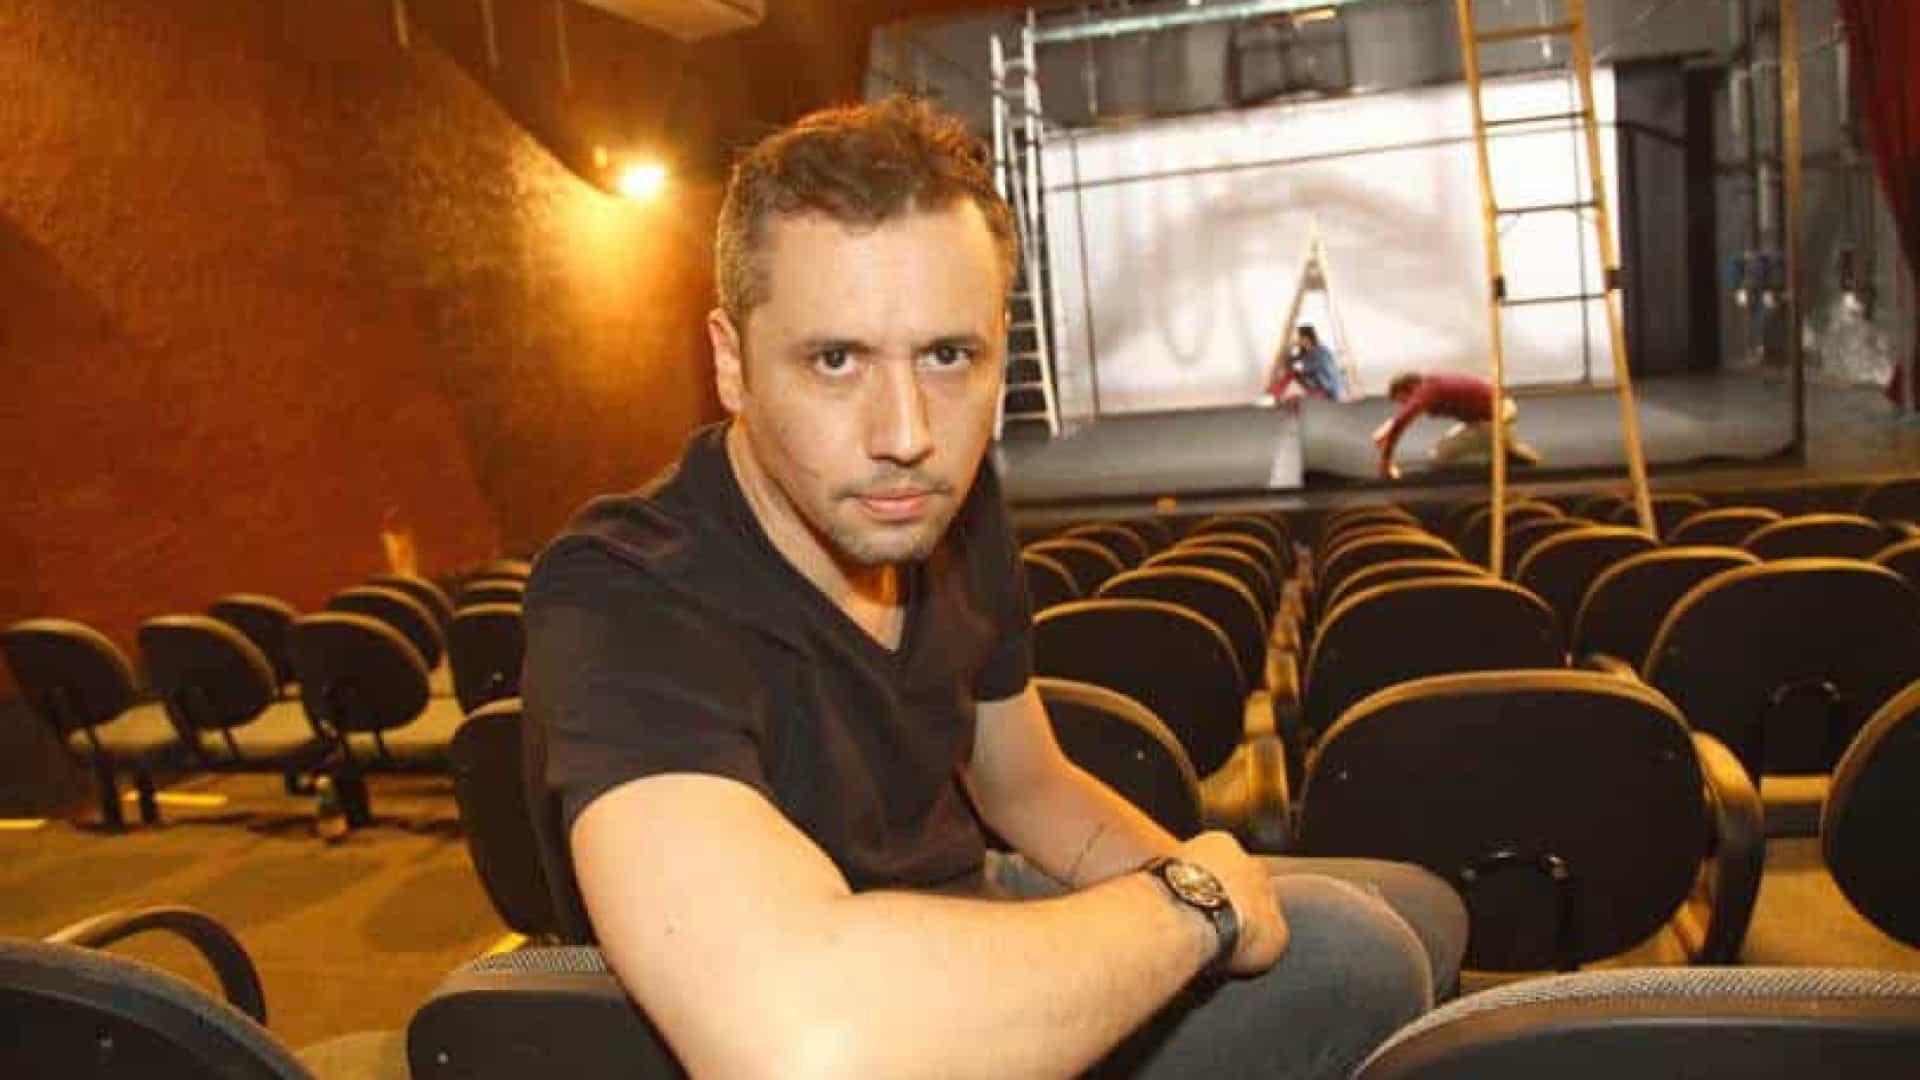 Governo suspende edital anunciado por Alvim em vídeo polêmico